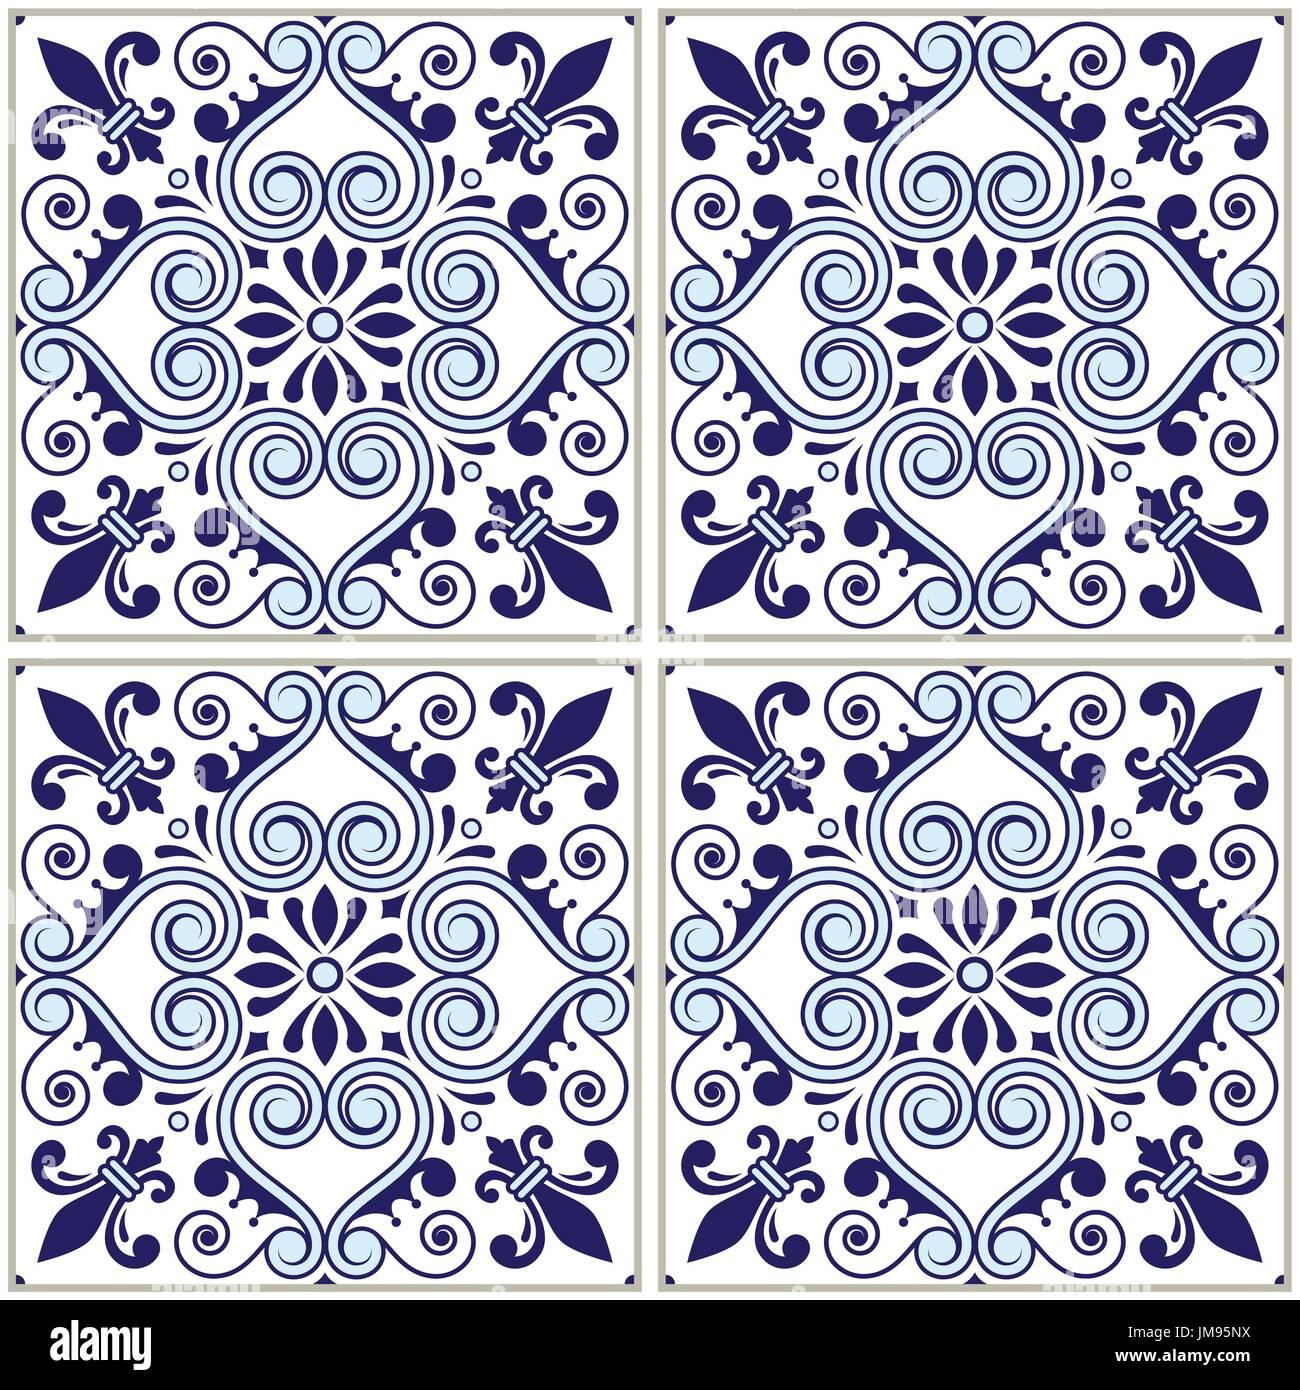 Portugiesische Fliesen Muster - Azulejo Marineblau Design, nahtlose Vektor blauen Hintergrund, Vintage Mosaiken Stock Vektor